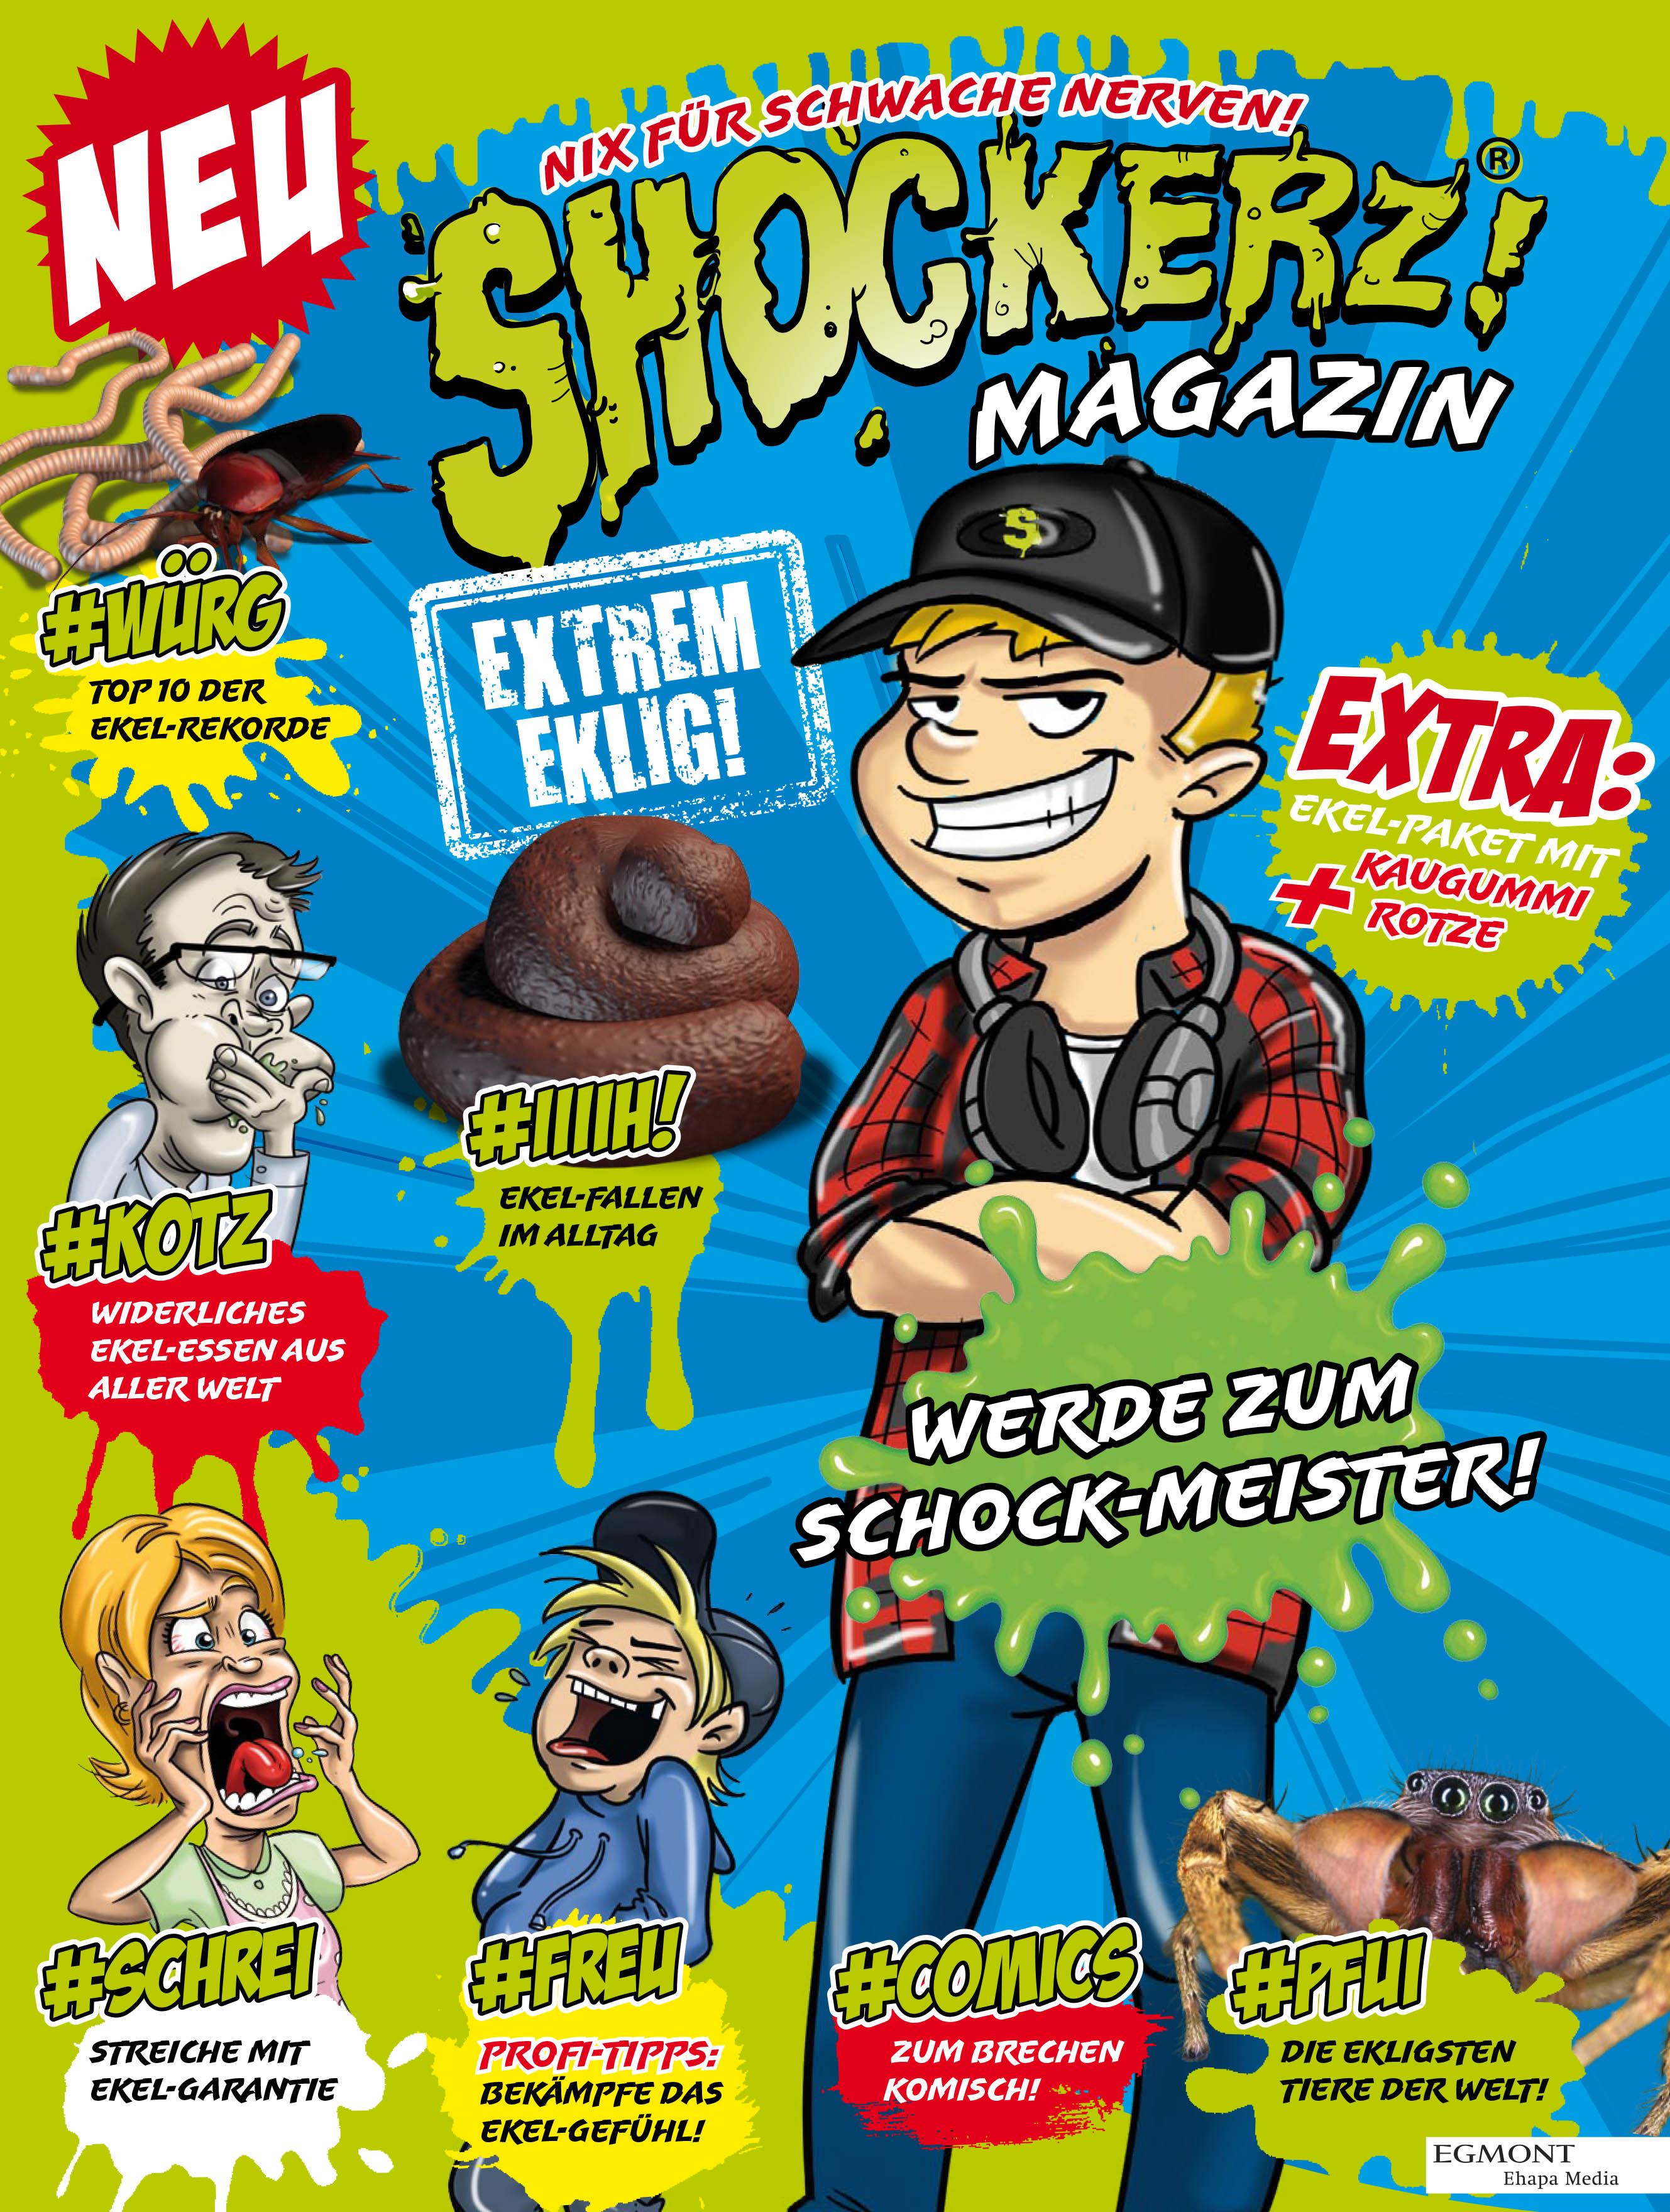 Egmont Ehapa Launcht Toy Story Magazin: Nix Für Schwache Nerven: Shockerz Sammelserie Und Magazin